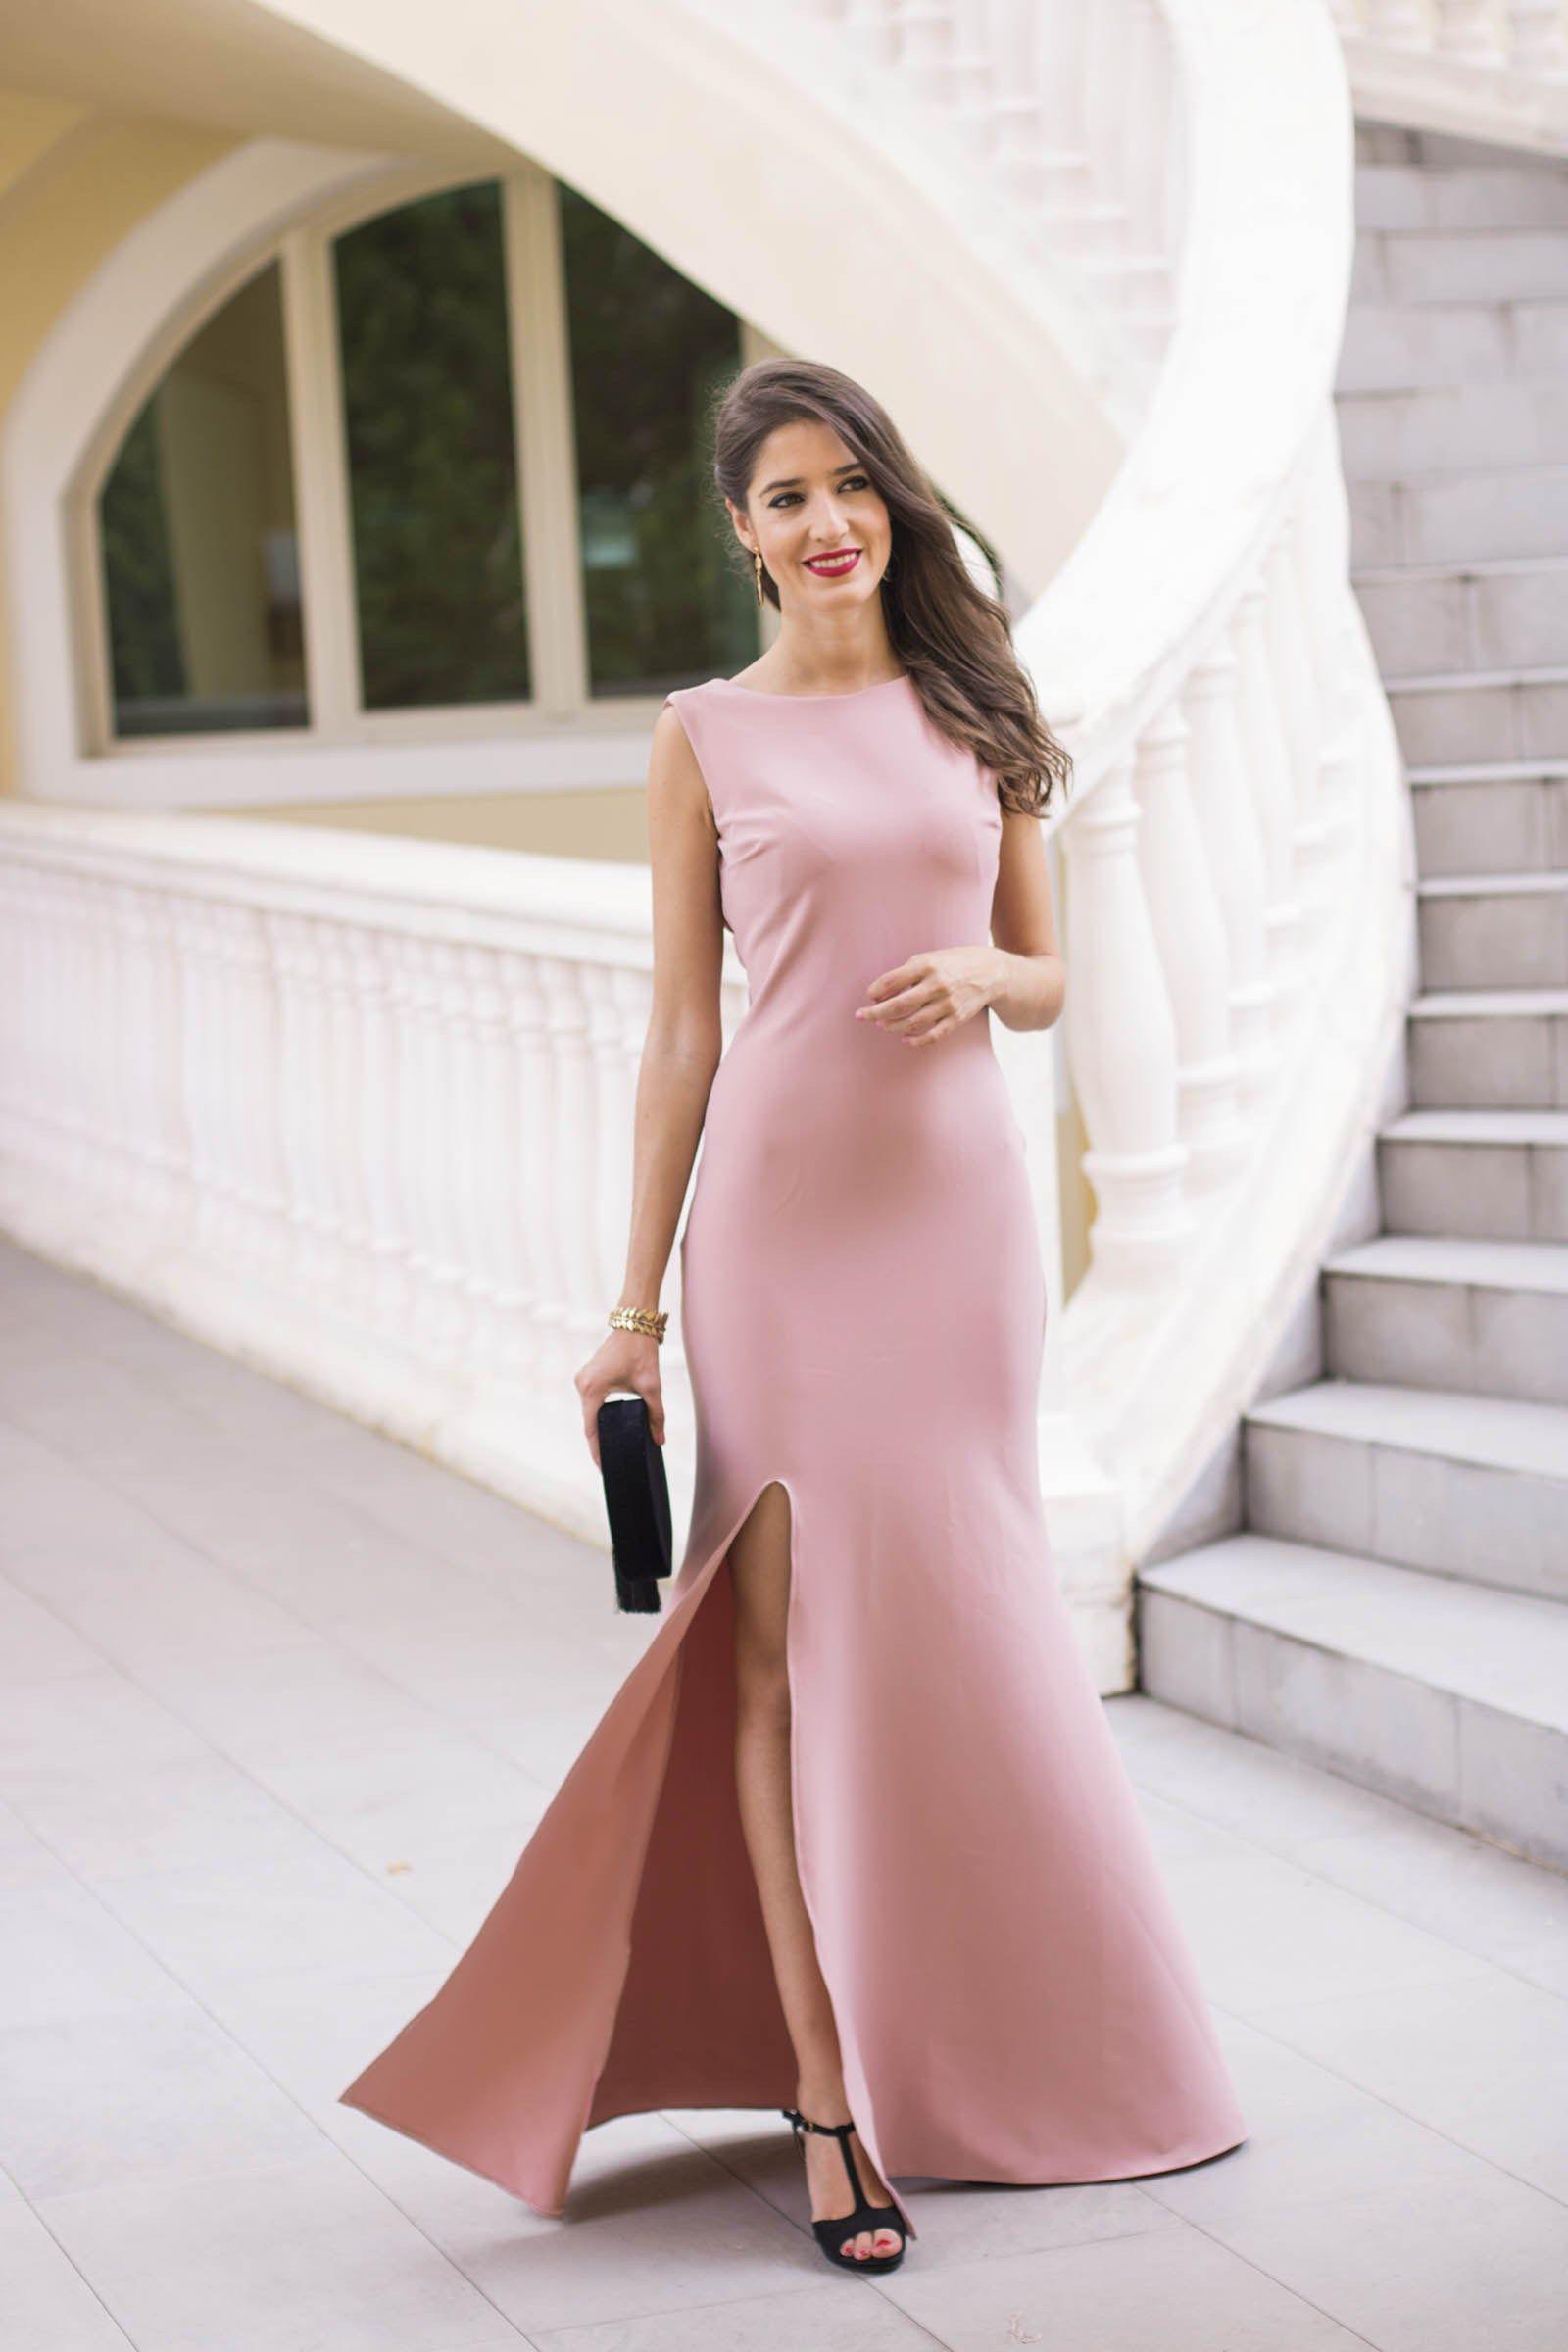 Invitada boda noche invierno estola vestido rosa largo | moda ...